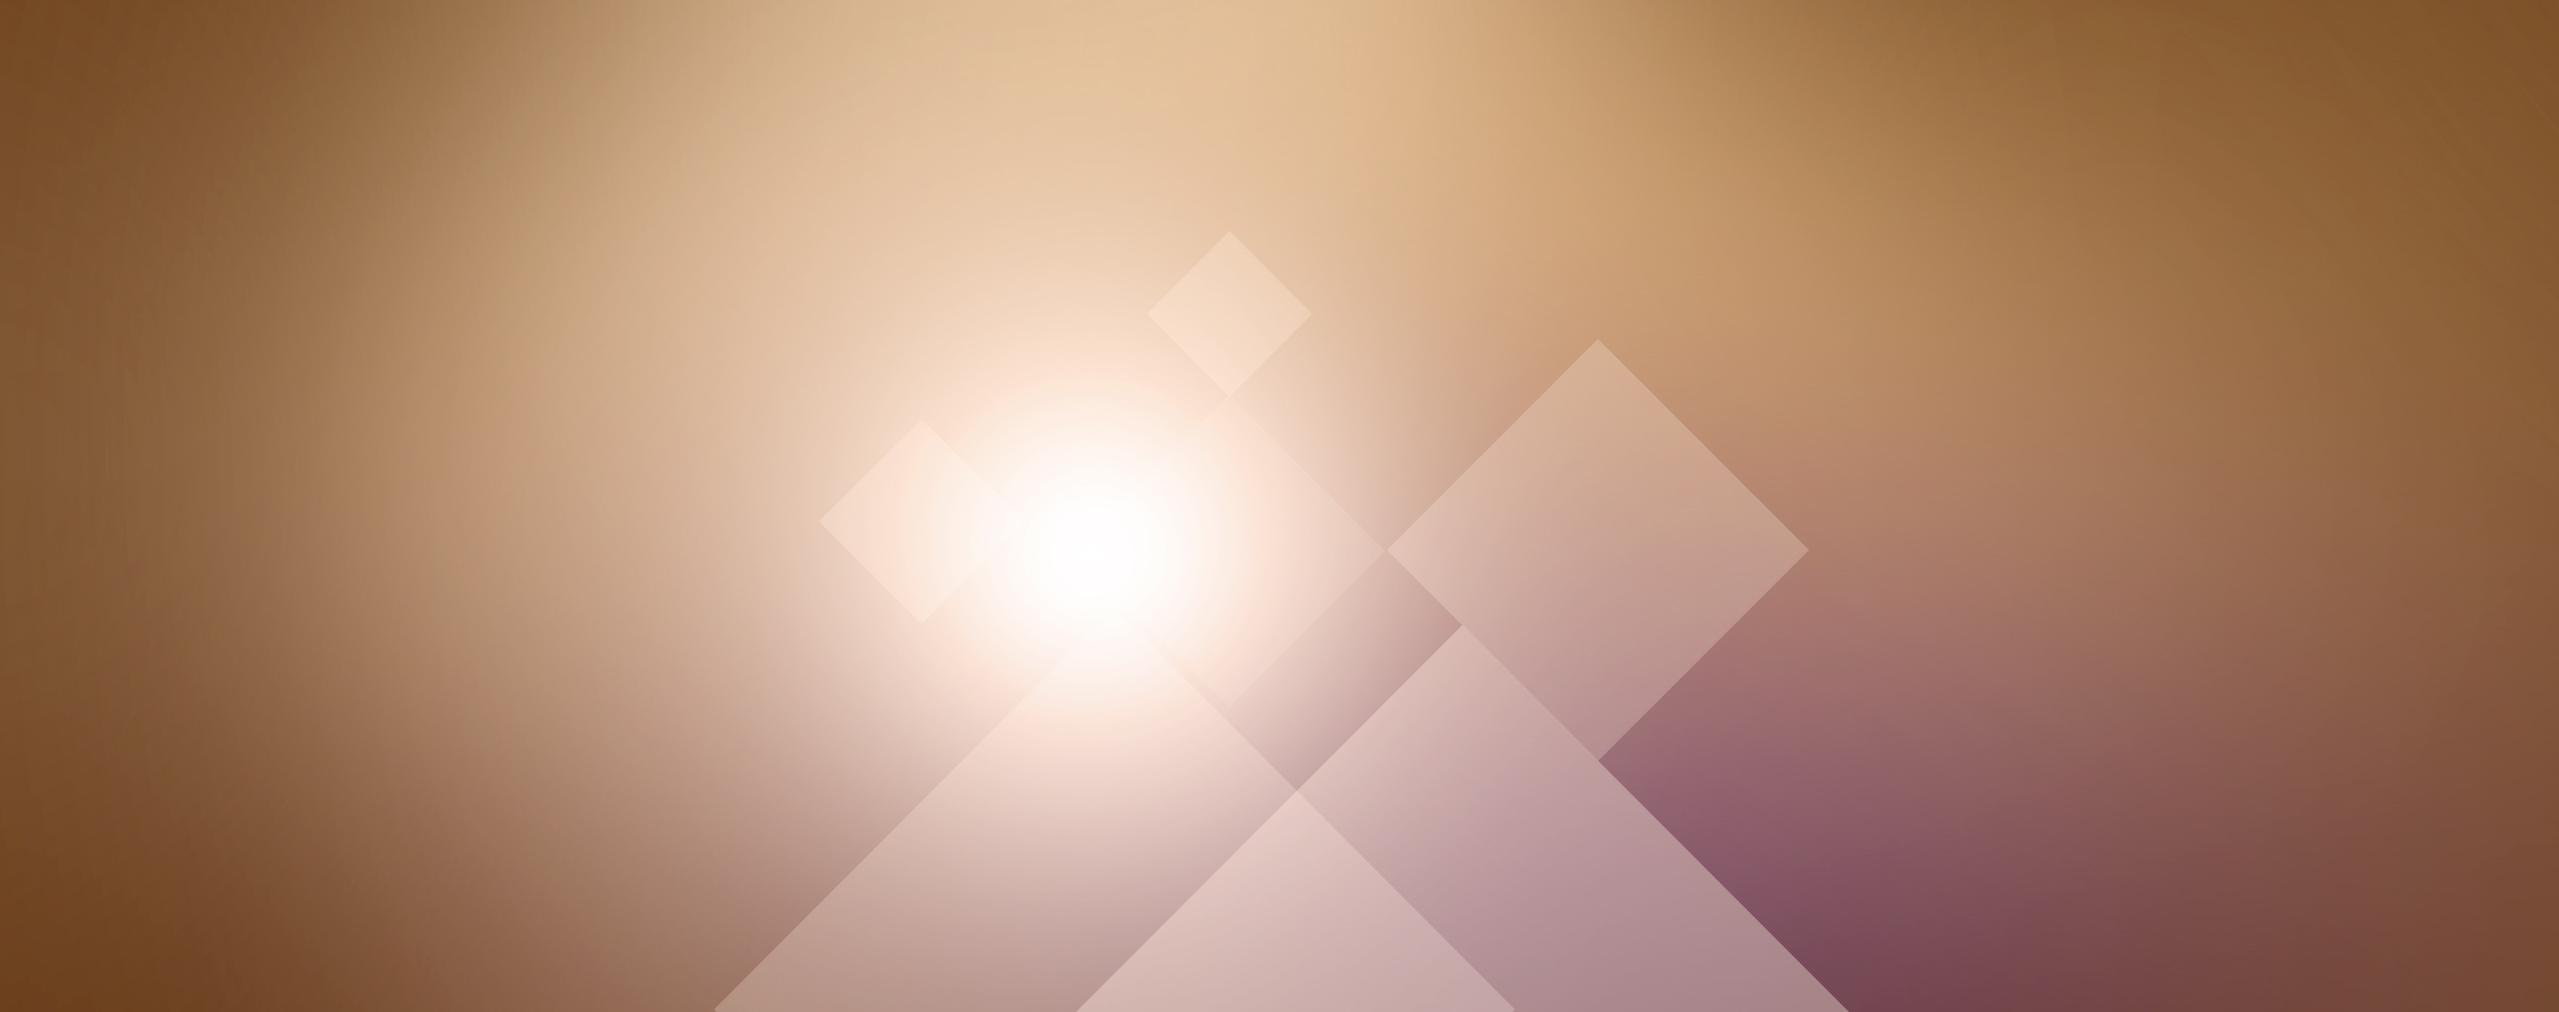 bermundu-background